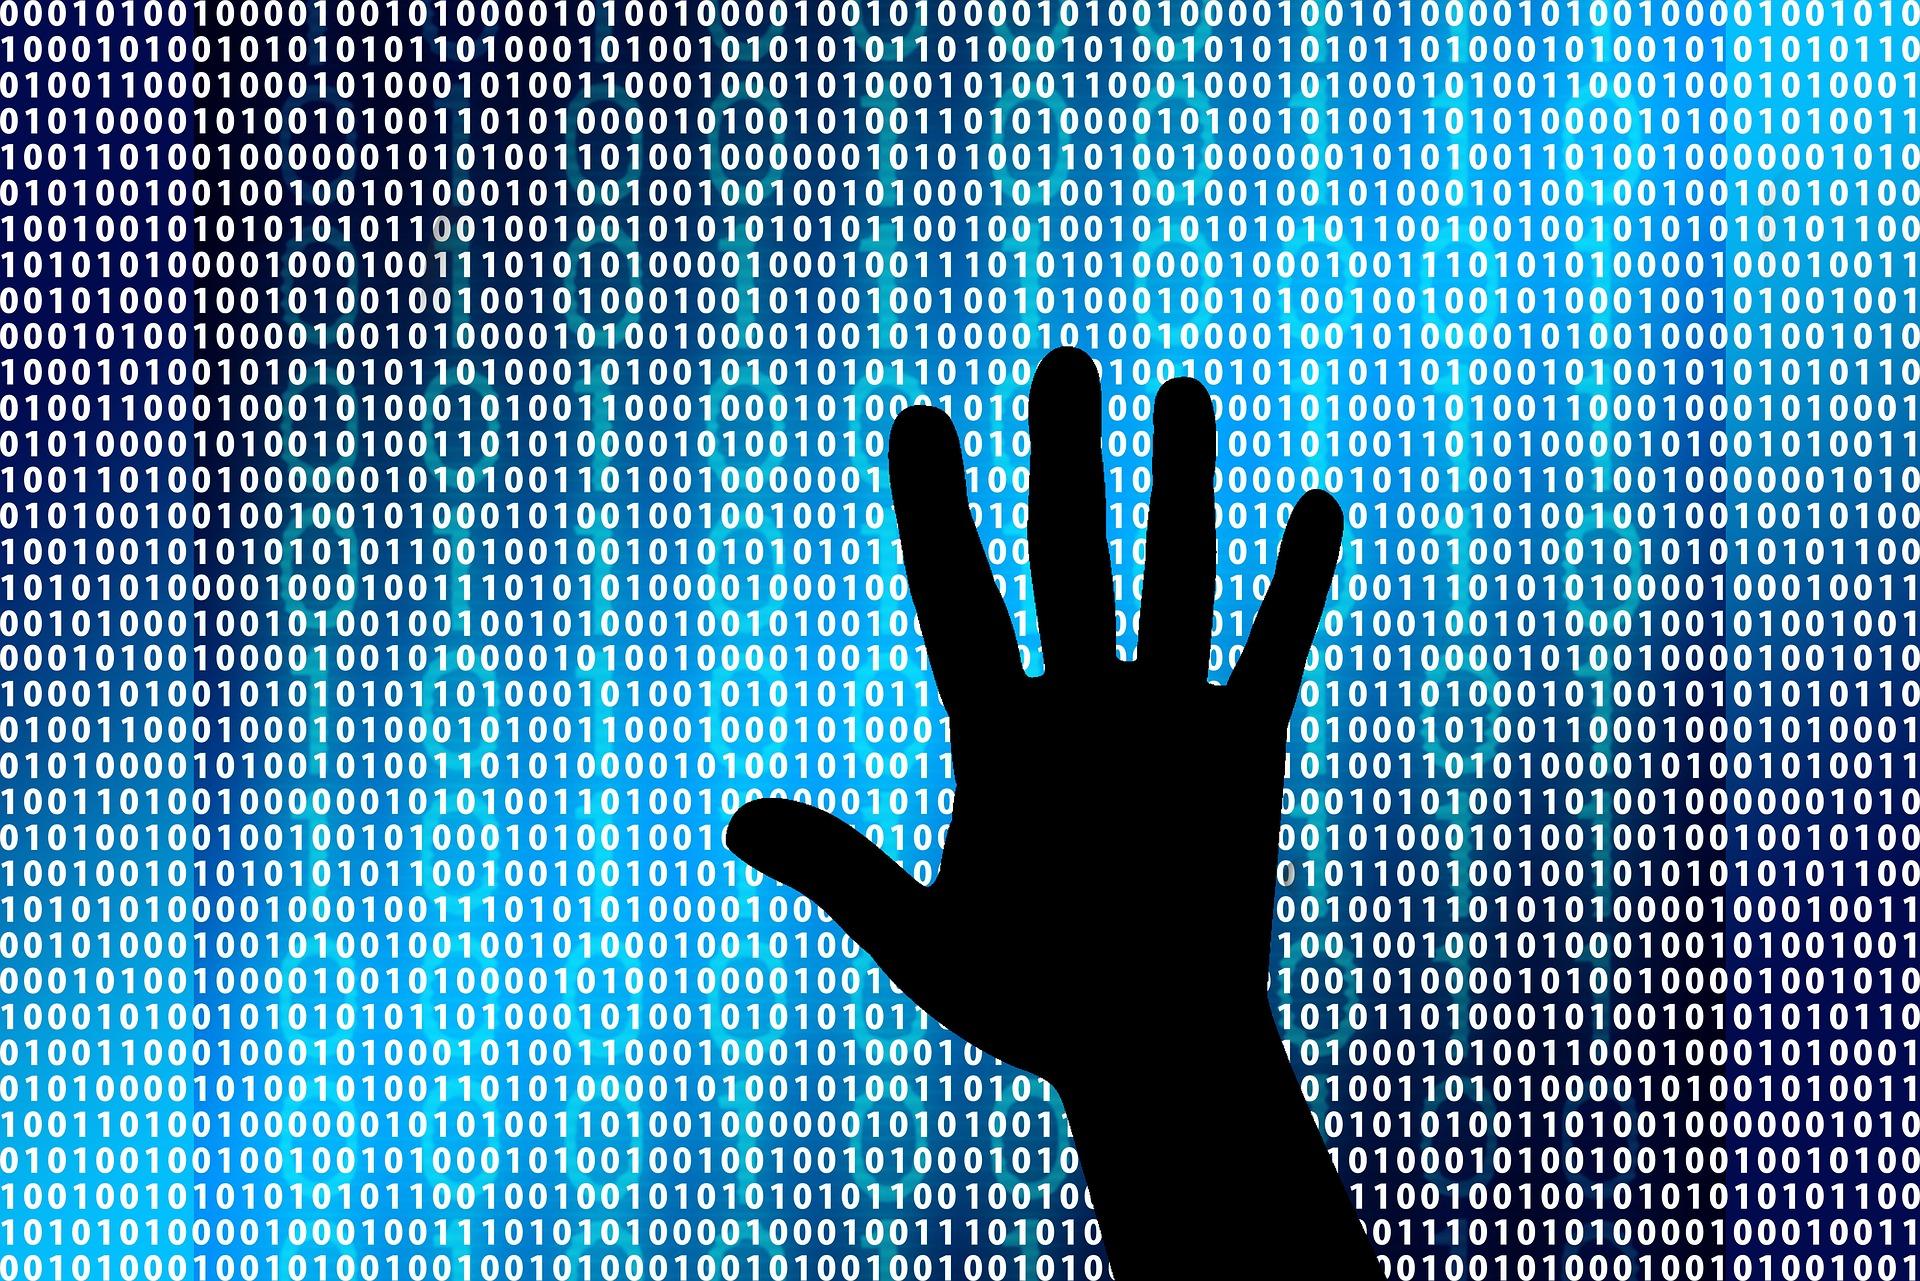 ネガキャンの削除とインターネットの誹謗中傷